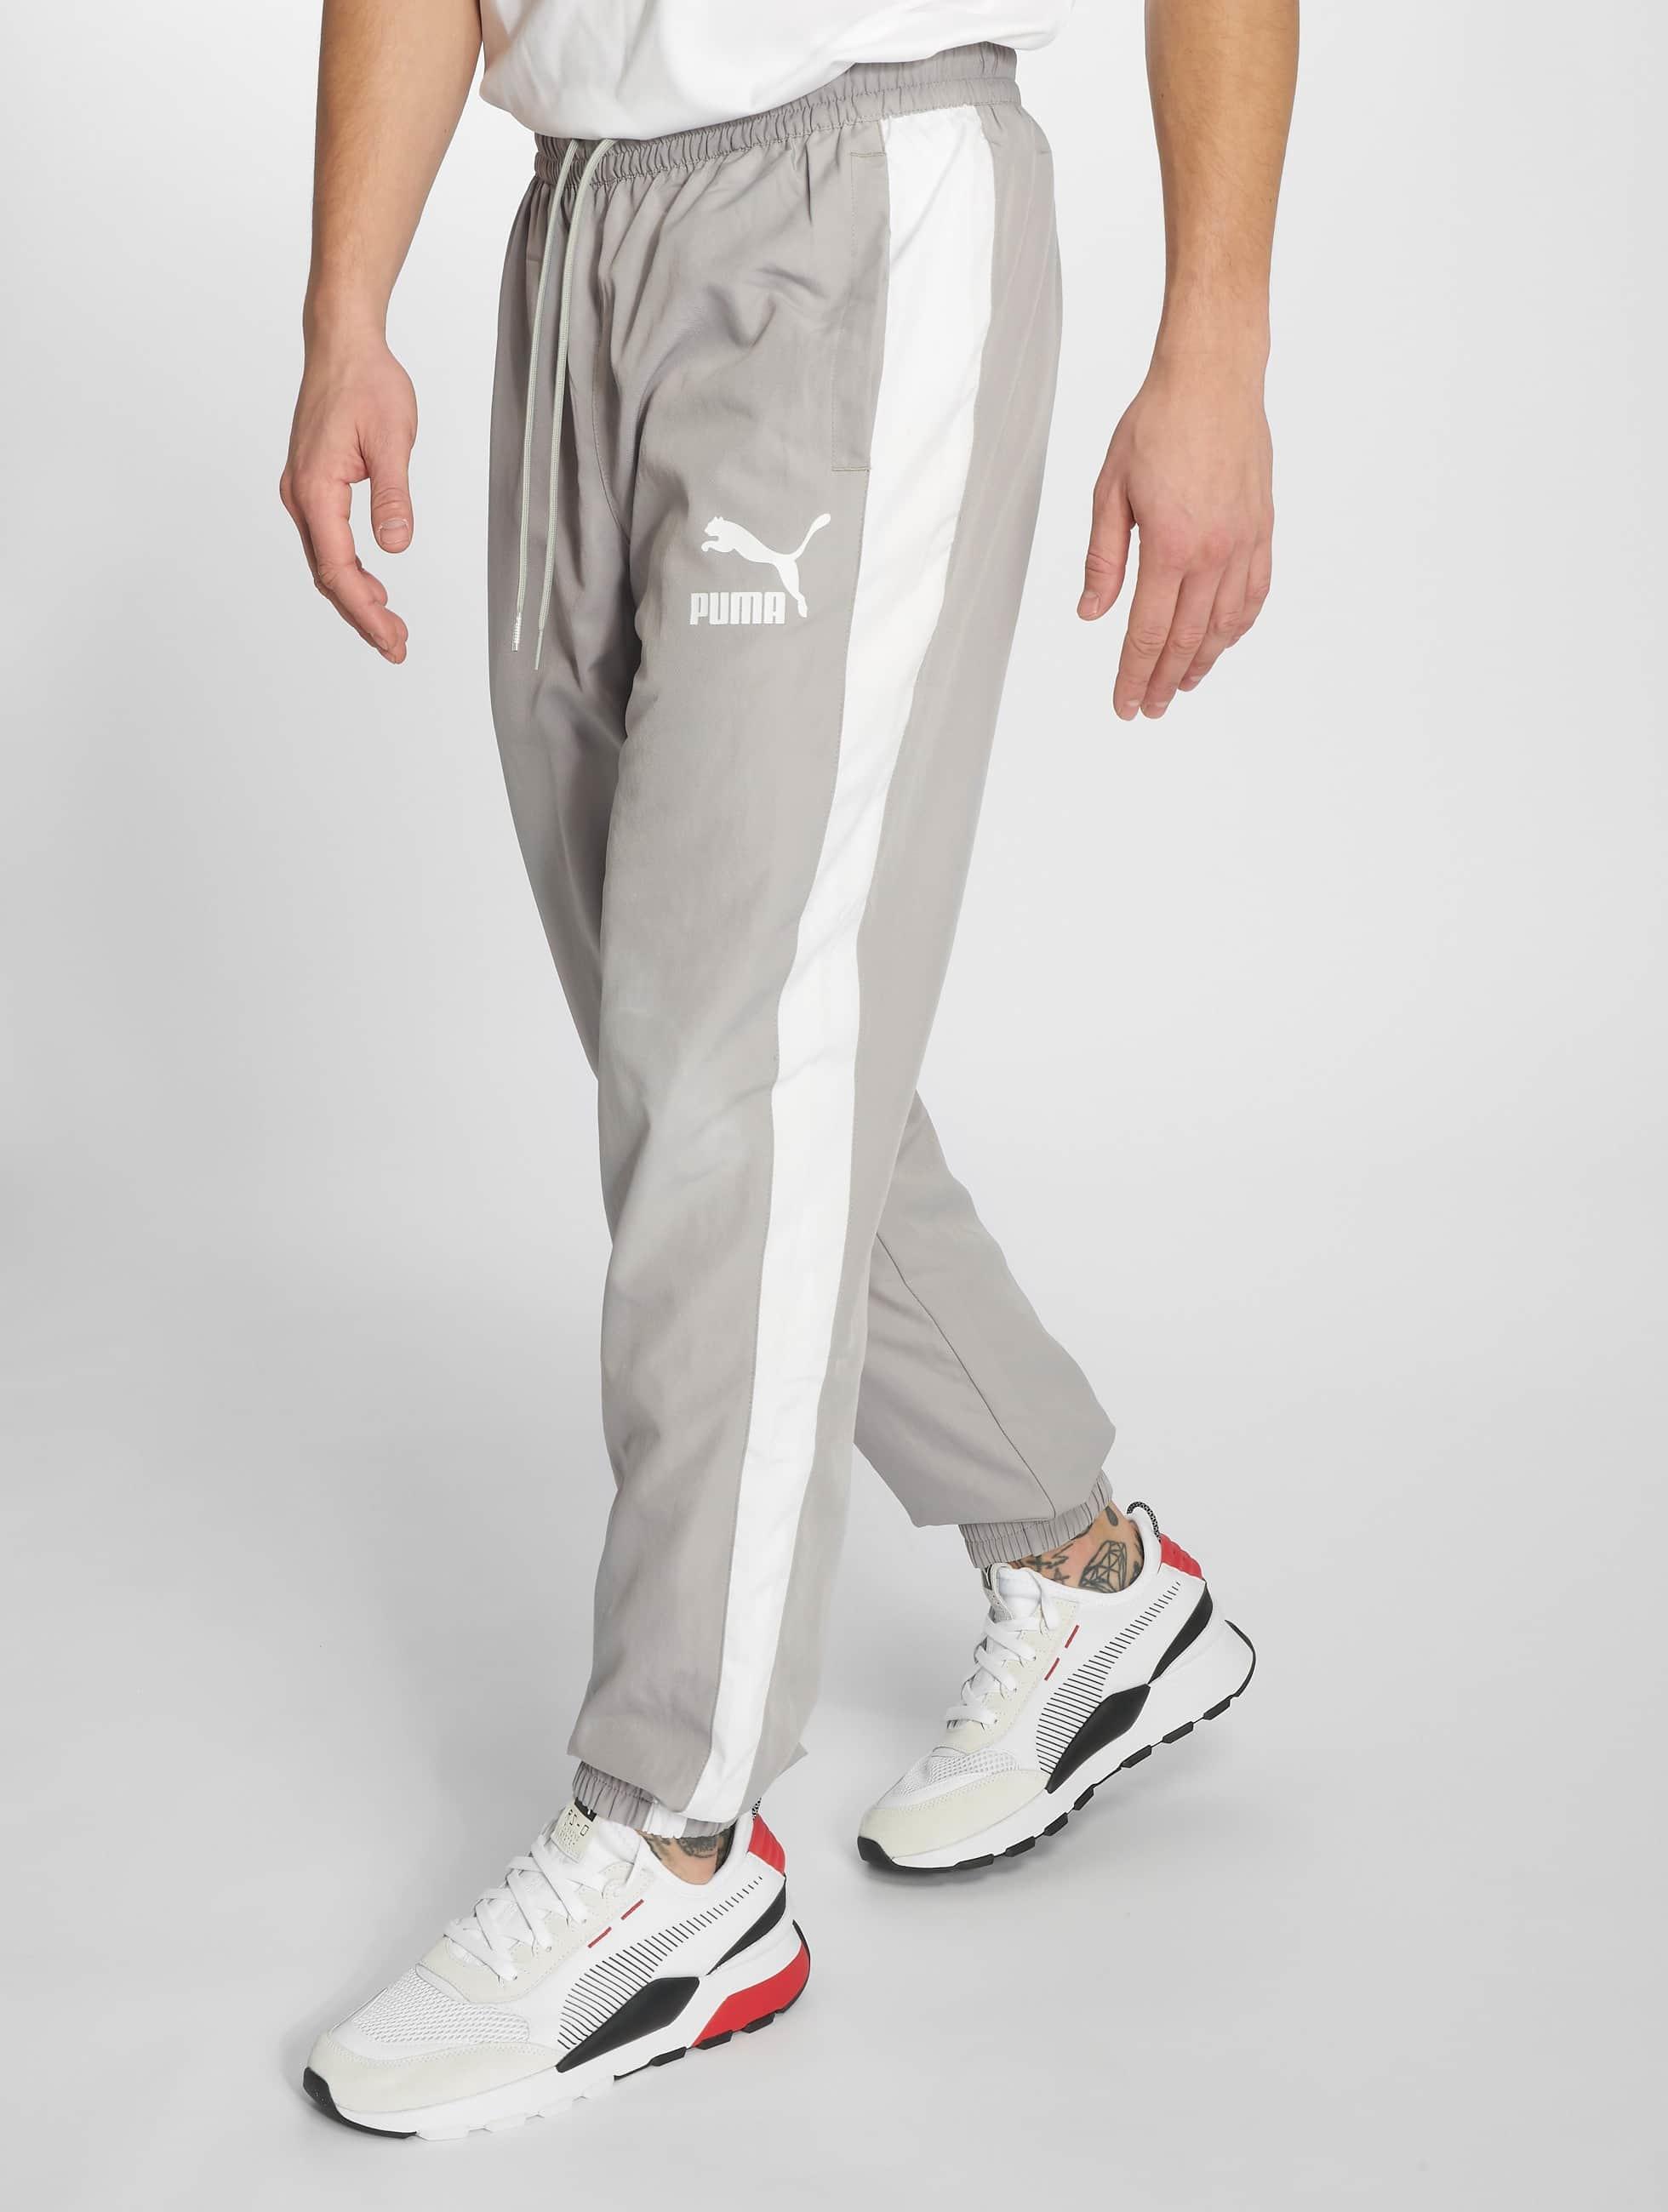 2d2f97ba9d0 Puma broek / joggingbroek Iconic T7 in grijs 607482